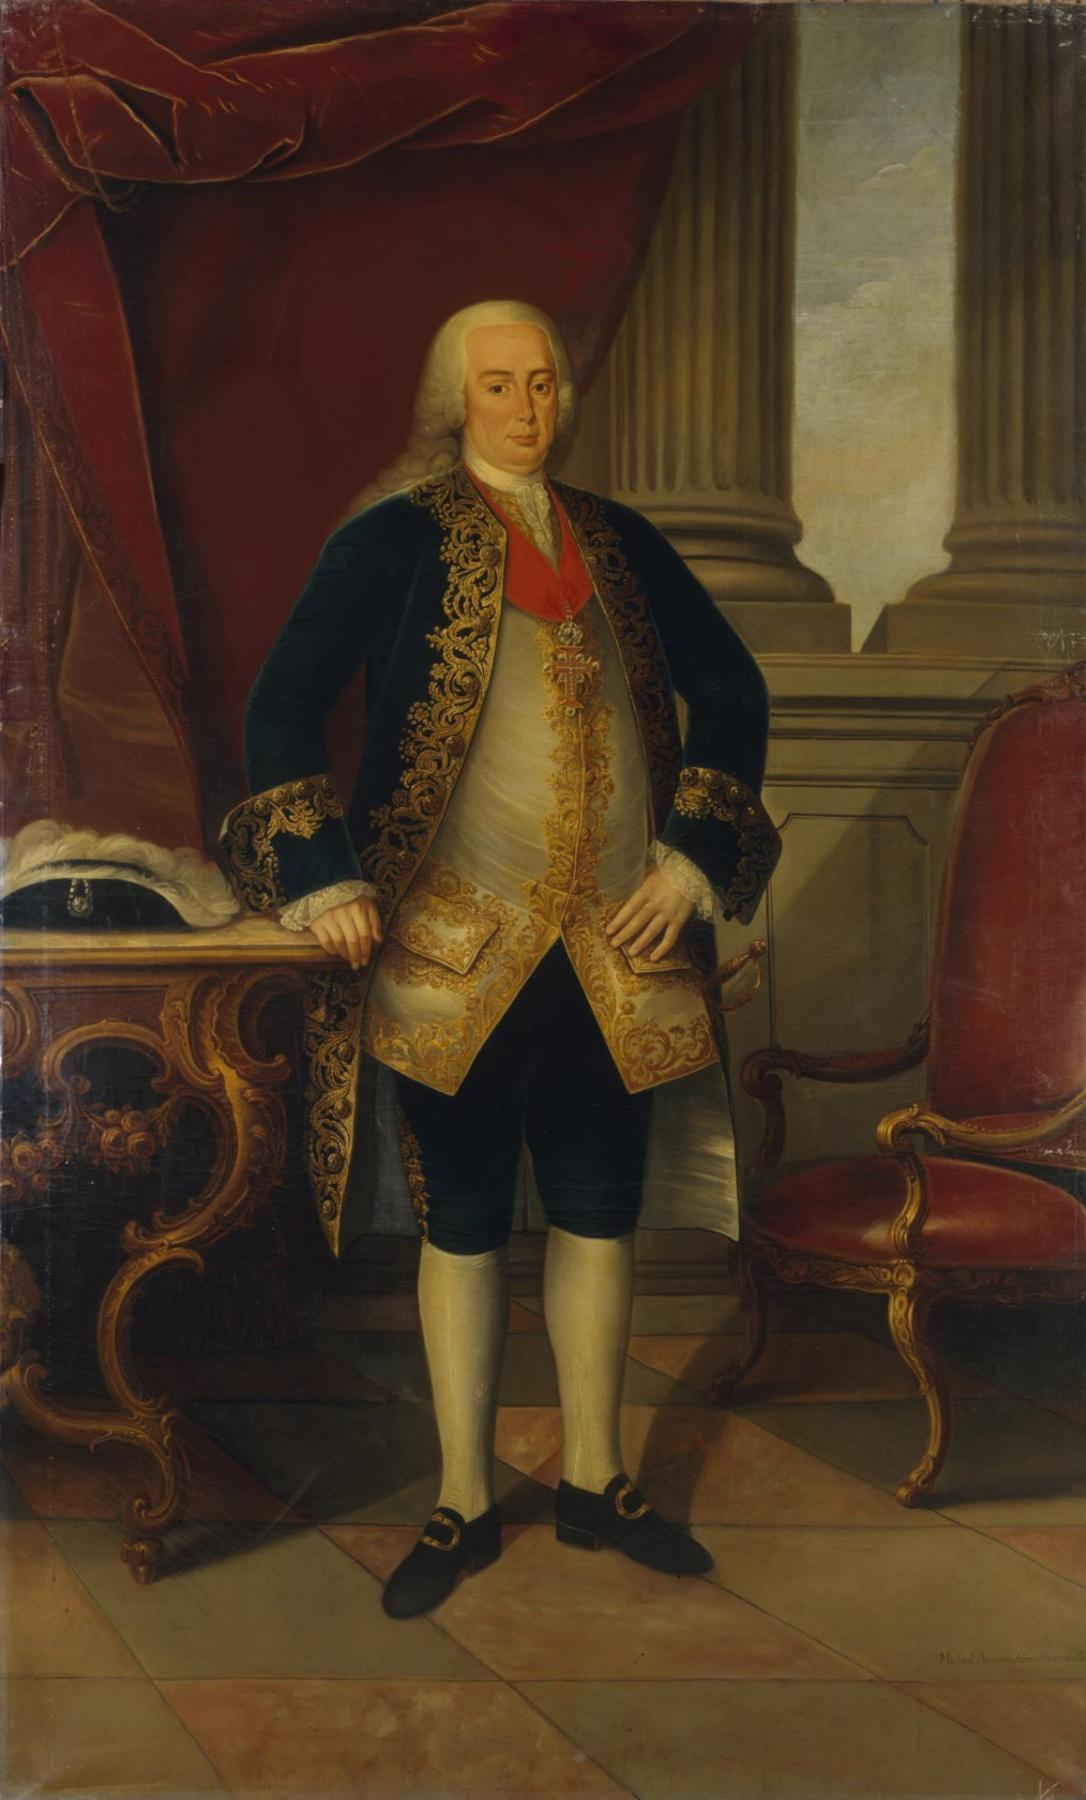 Мигел Антониу ду Амарал. Portrait of Pedro, Prince of Brazil